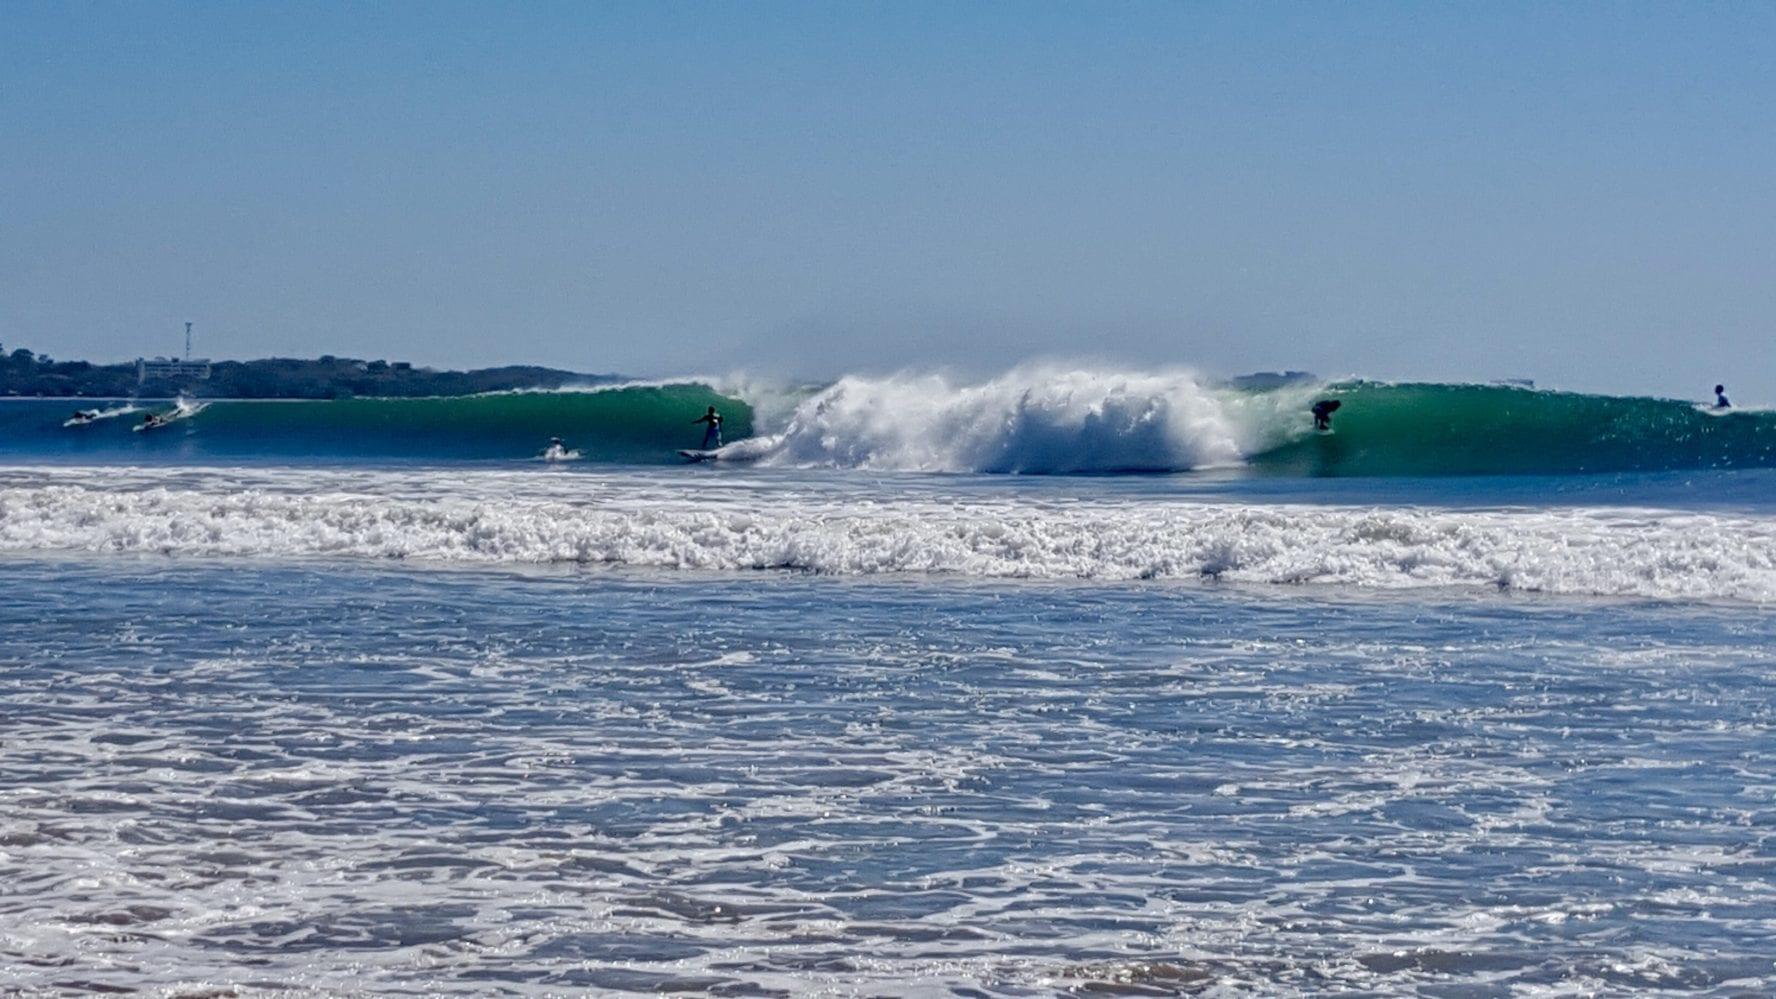 Playa Grande surfers